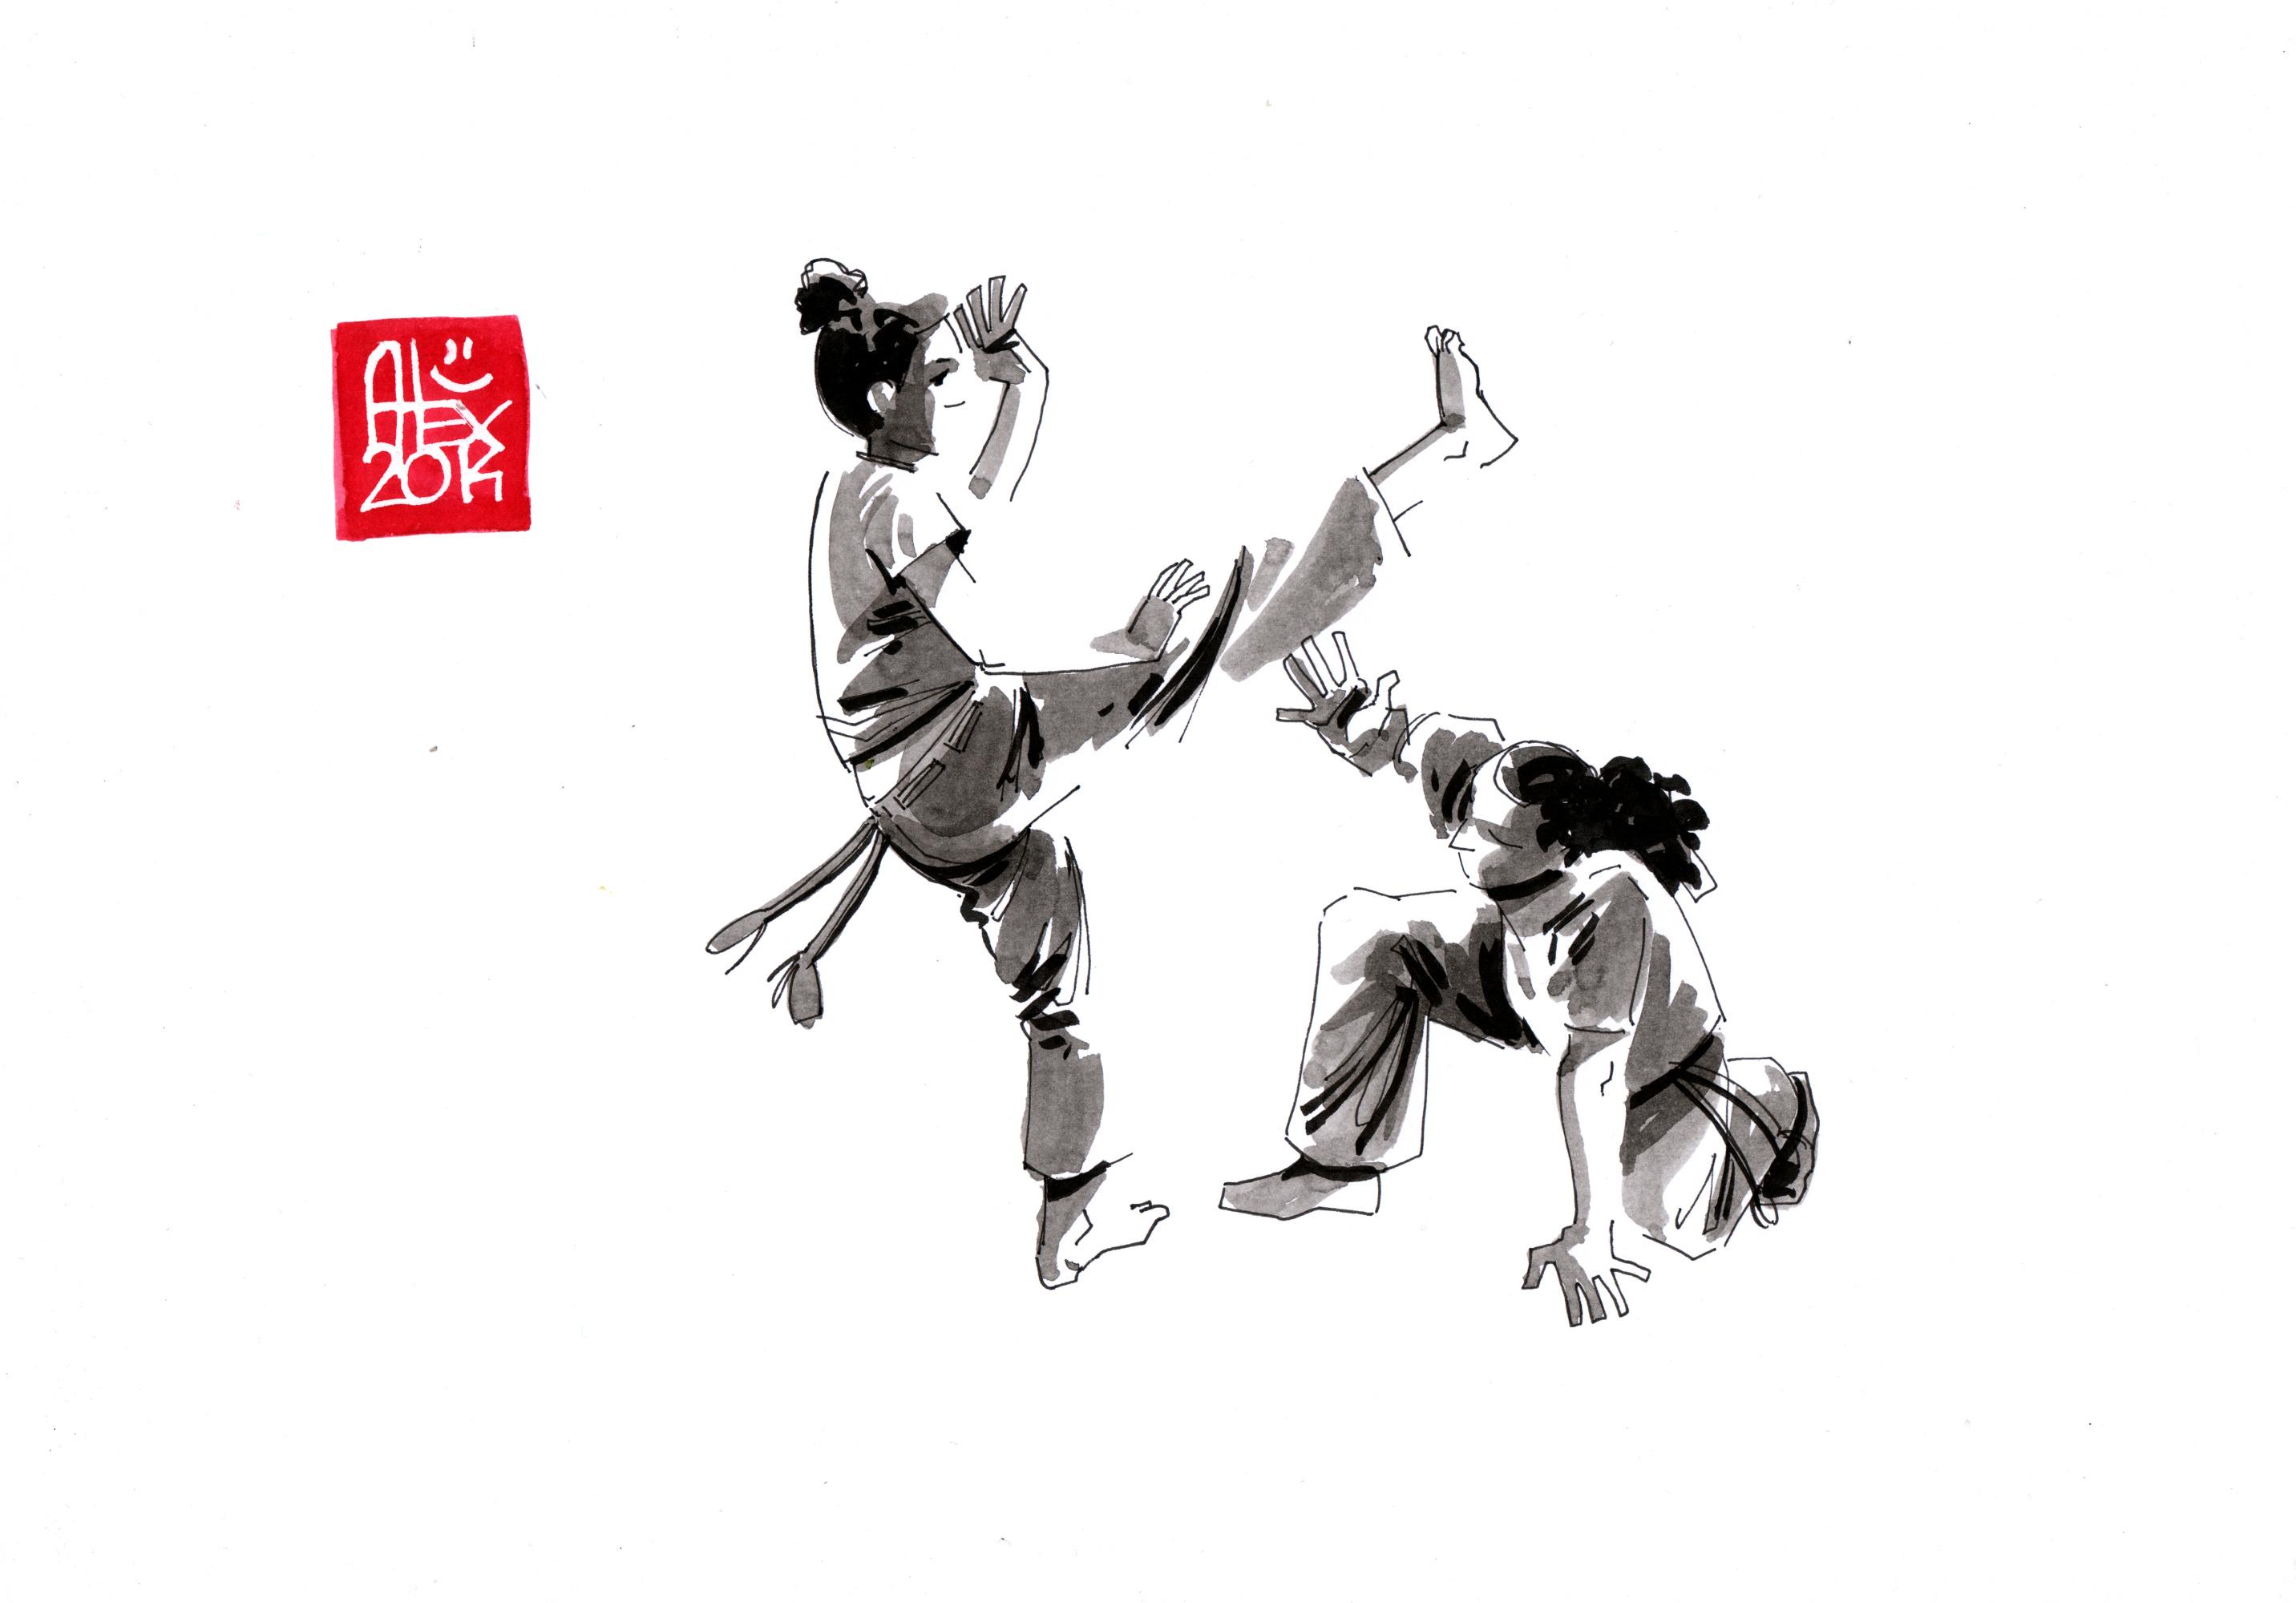 Illustration : Capoeira – 675 [ #capoeira #watercolor #illustration] aquarelle sur papier 180gr / watercolor on paper 180gr 21x 29.7 cm / 8.3 x 11.7 in